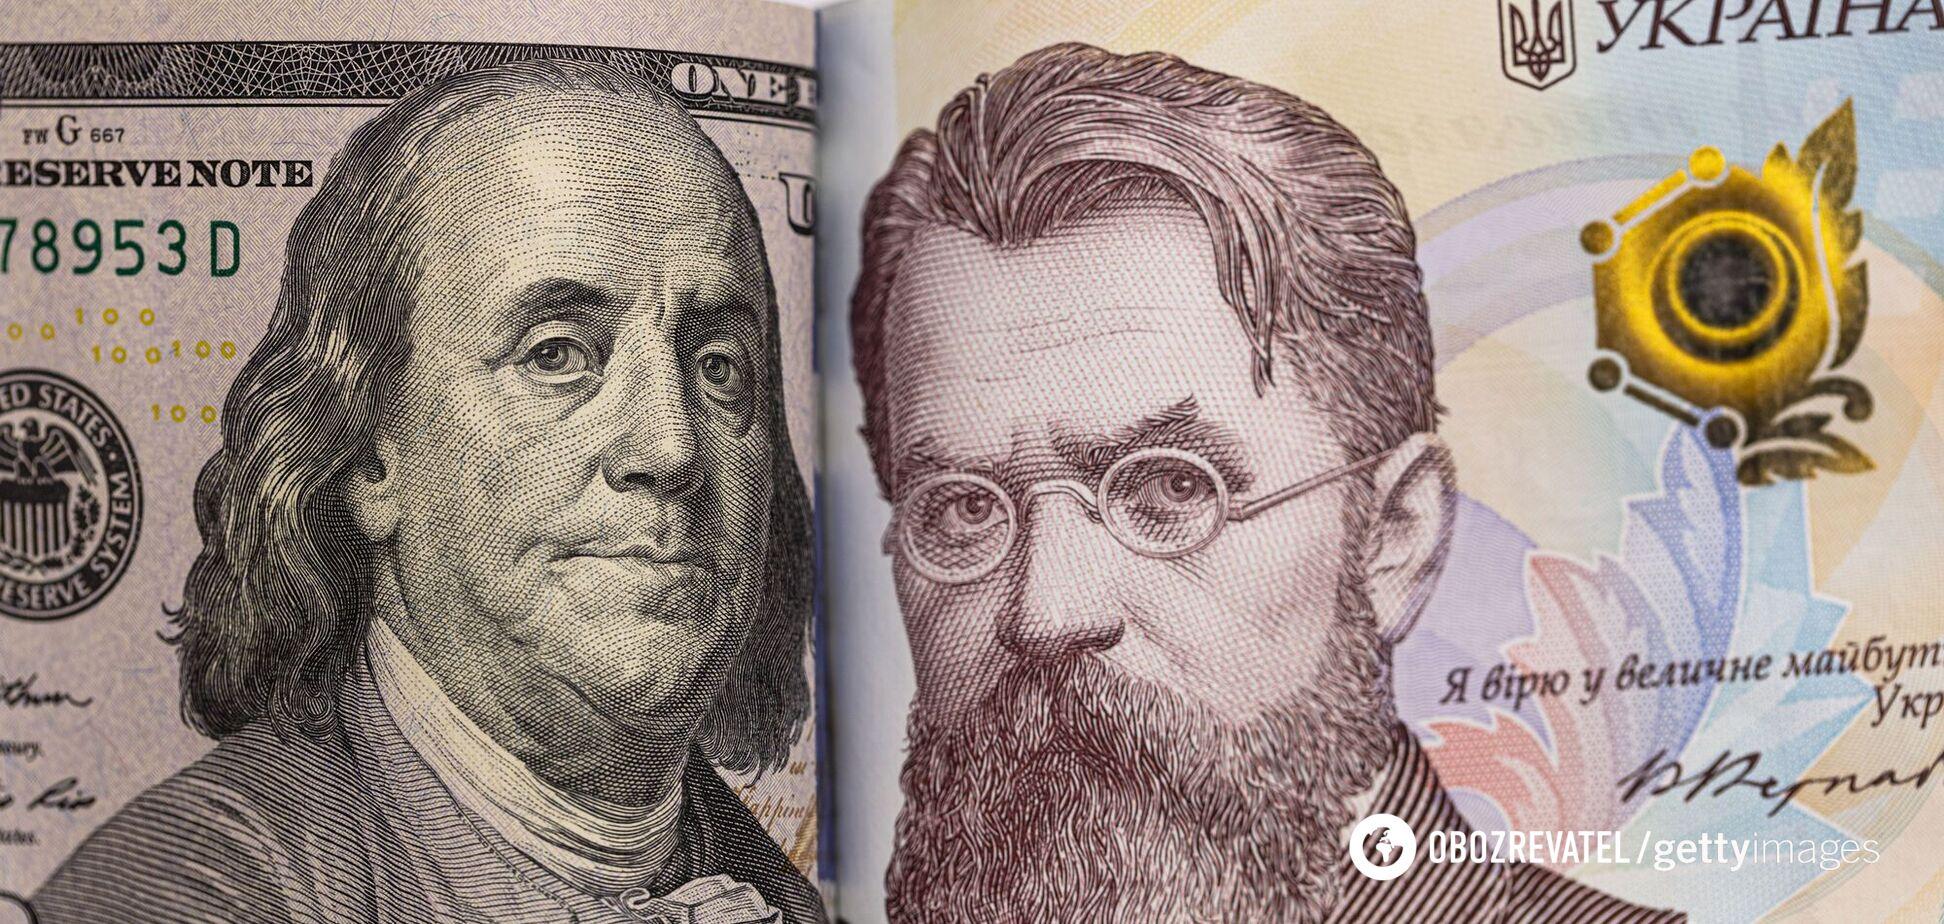 Гривня чувствует себя хорошо: в НБУ объяснили стабильность валюты